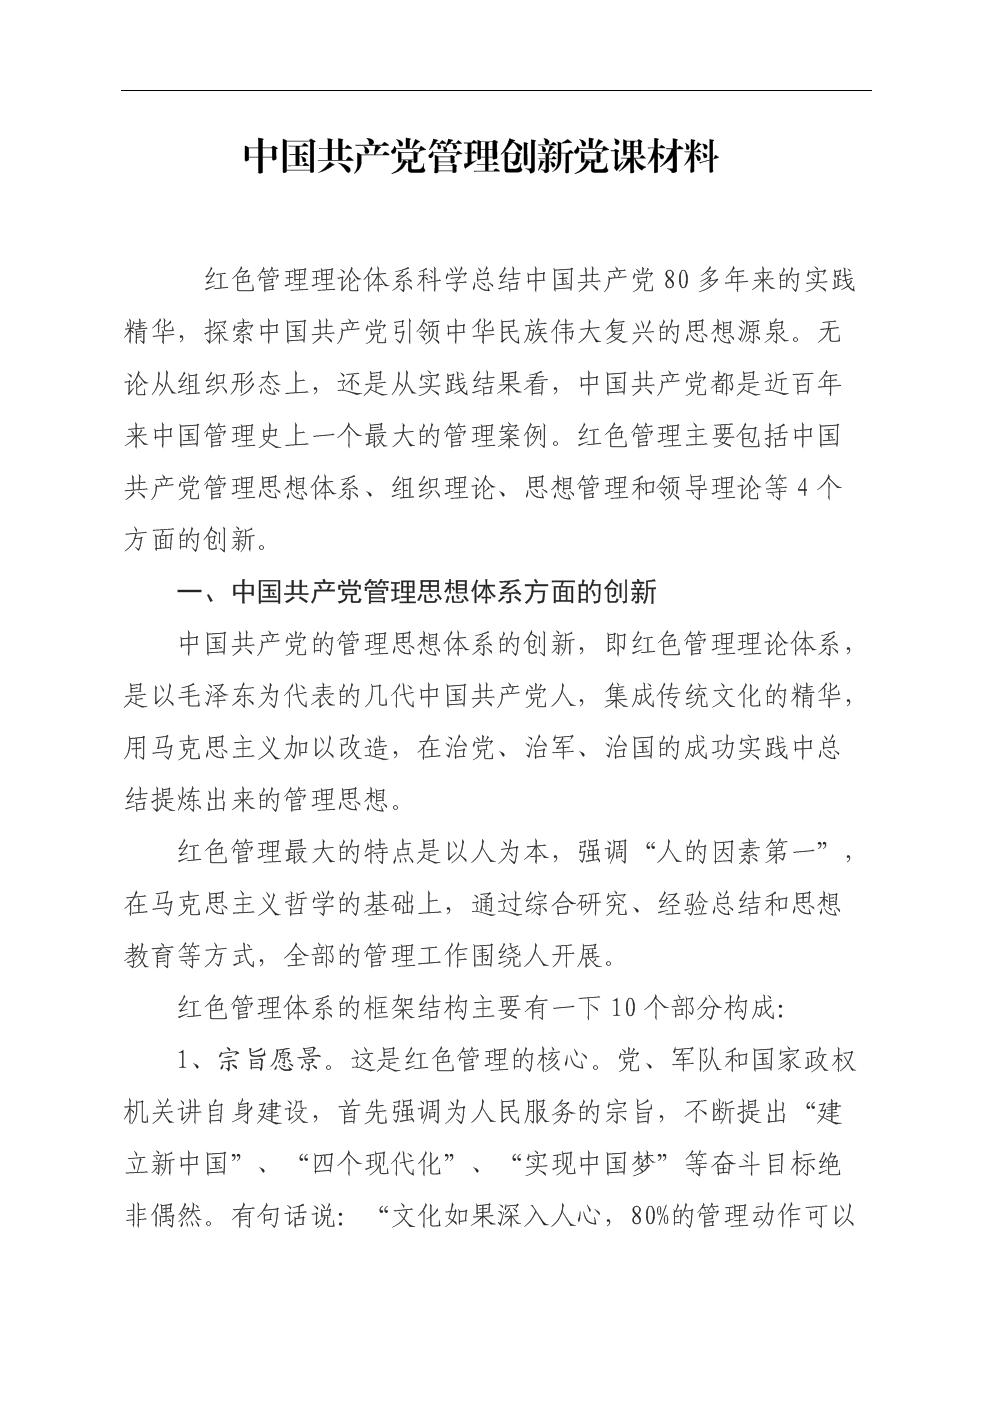 中国共产党管理创新党课材料.doc